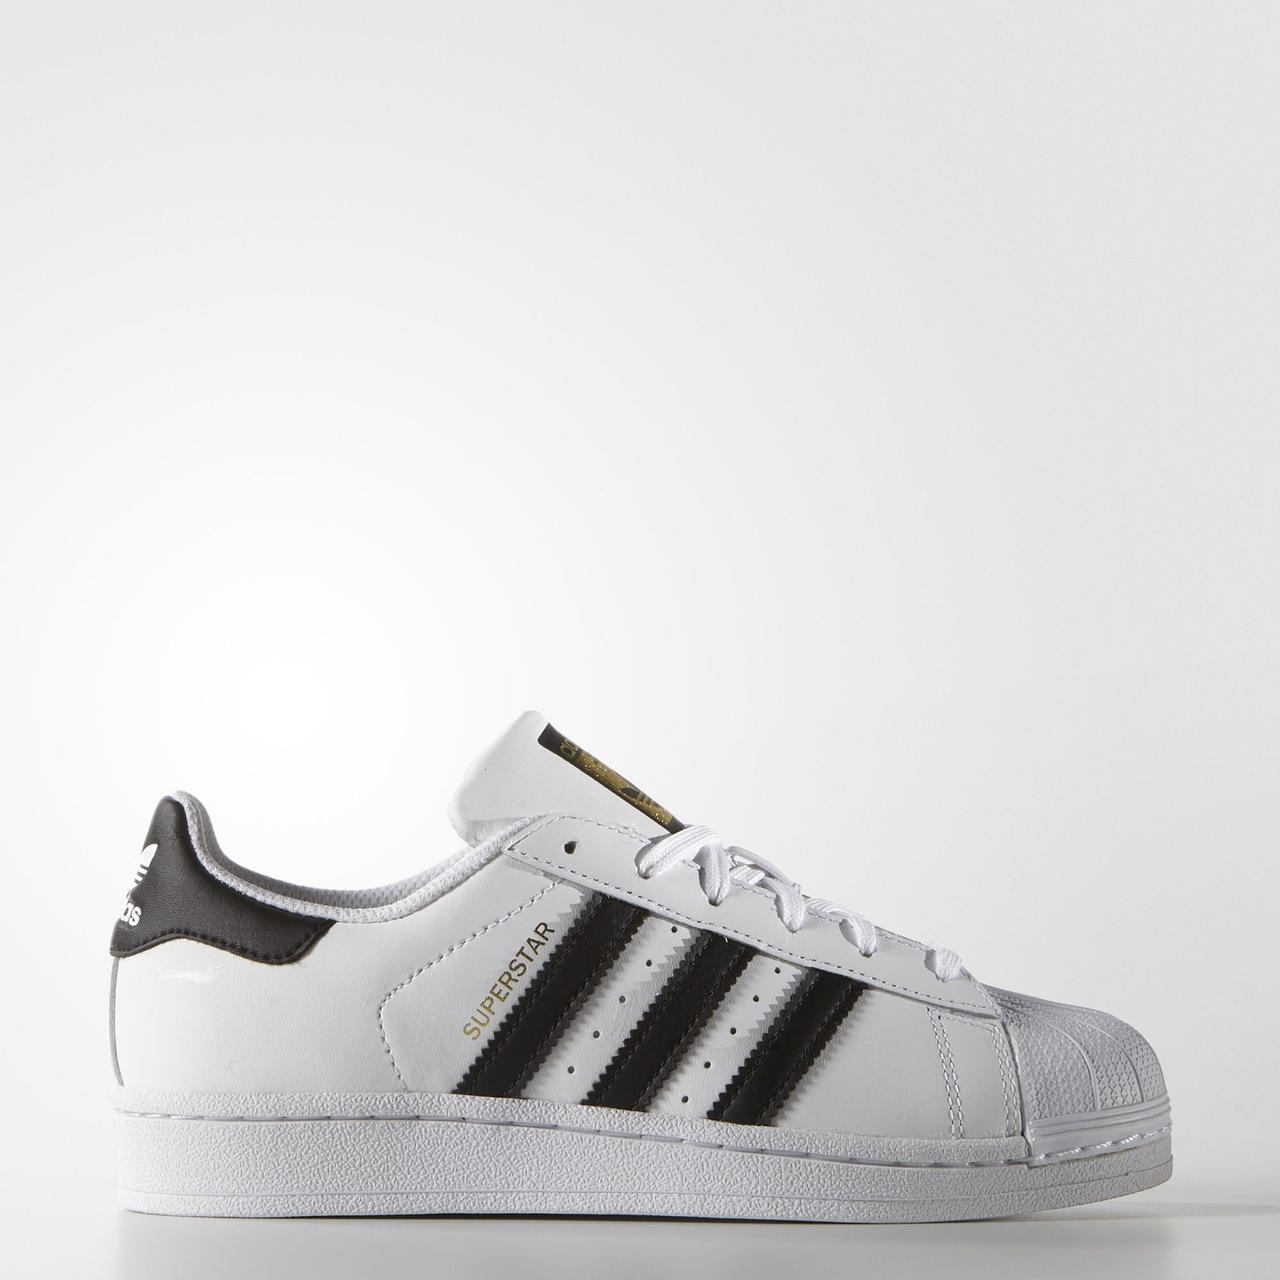 Детские кроссовки Adidas Originals Superstar (Артикул: C77154), фото 1